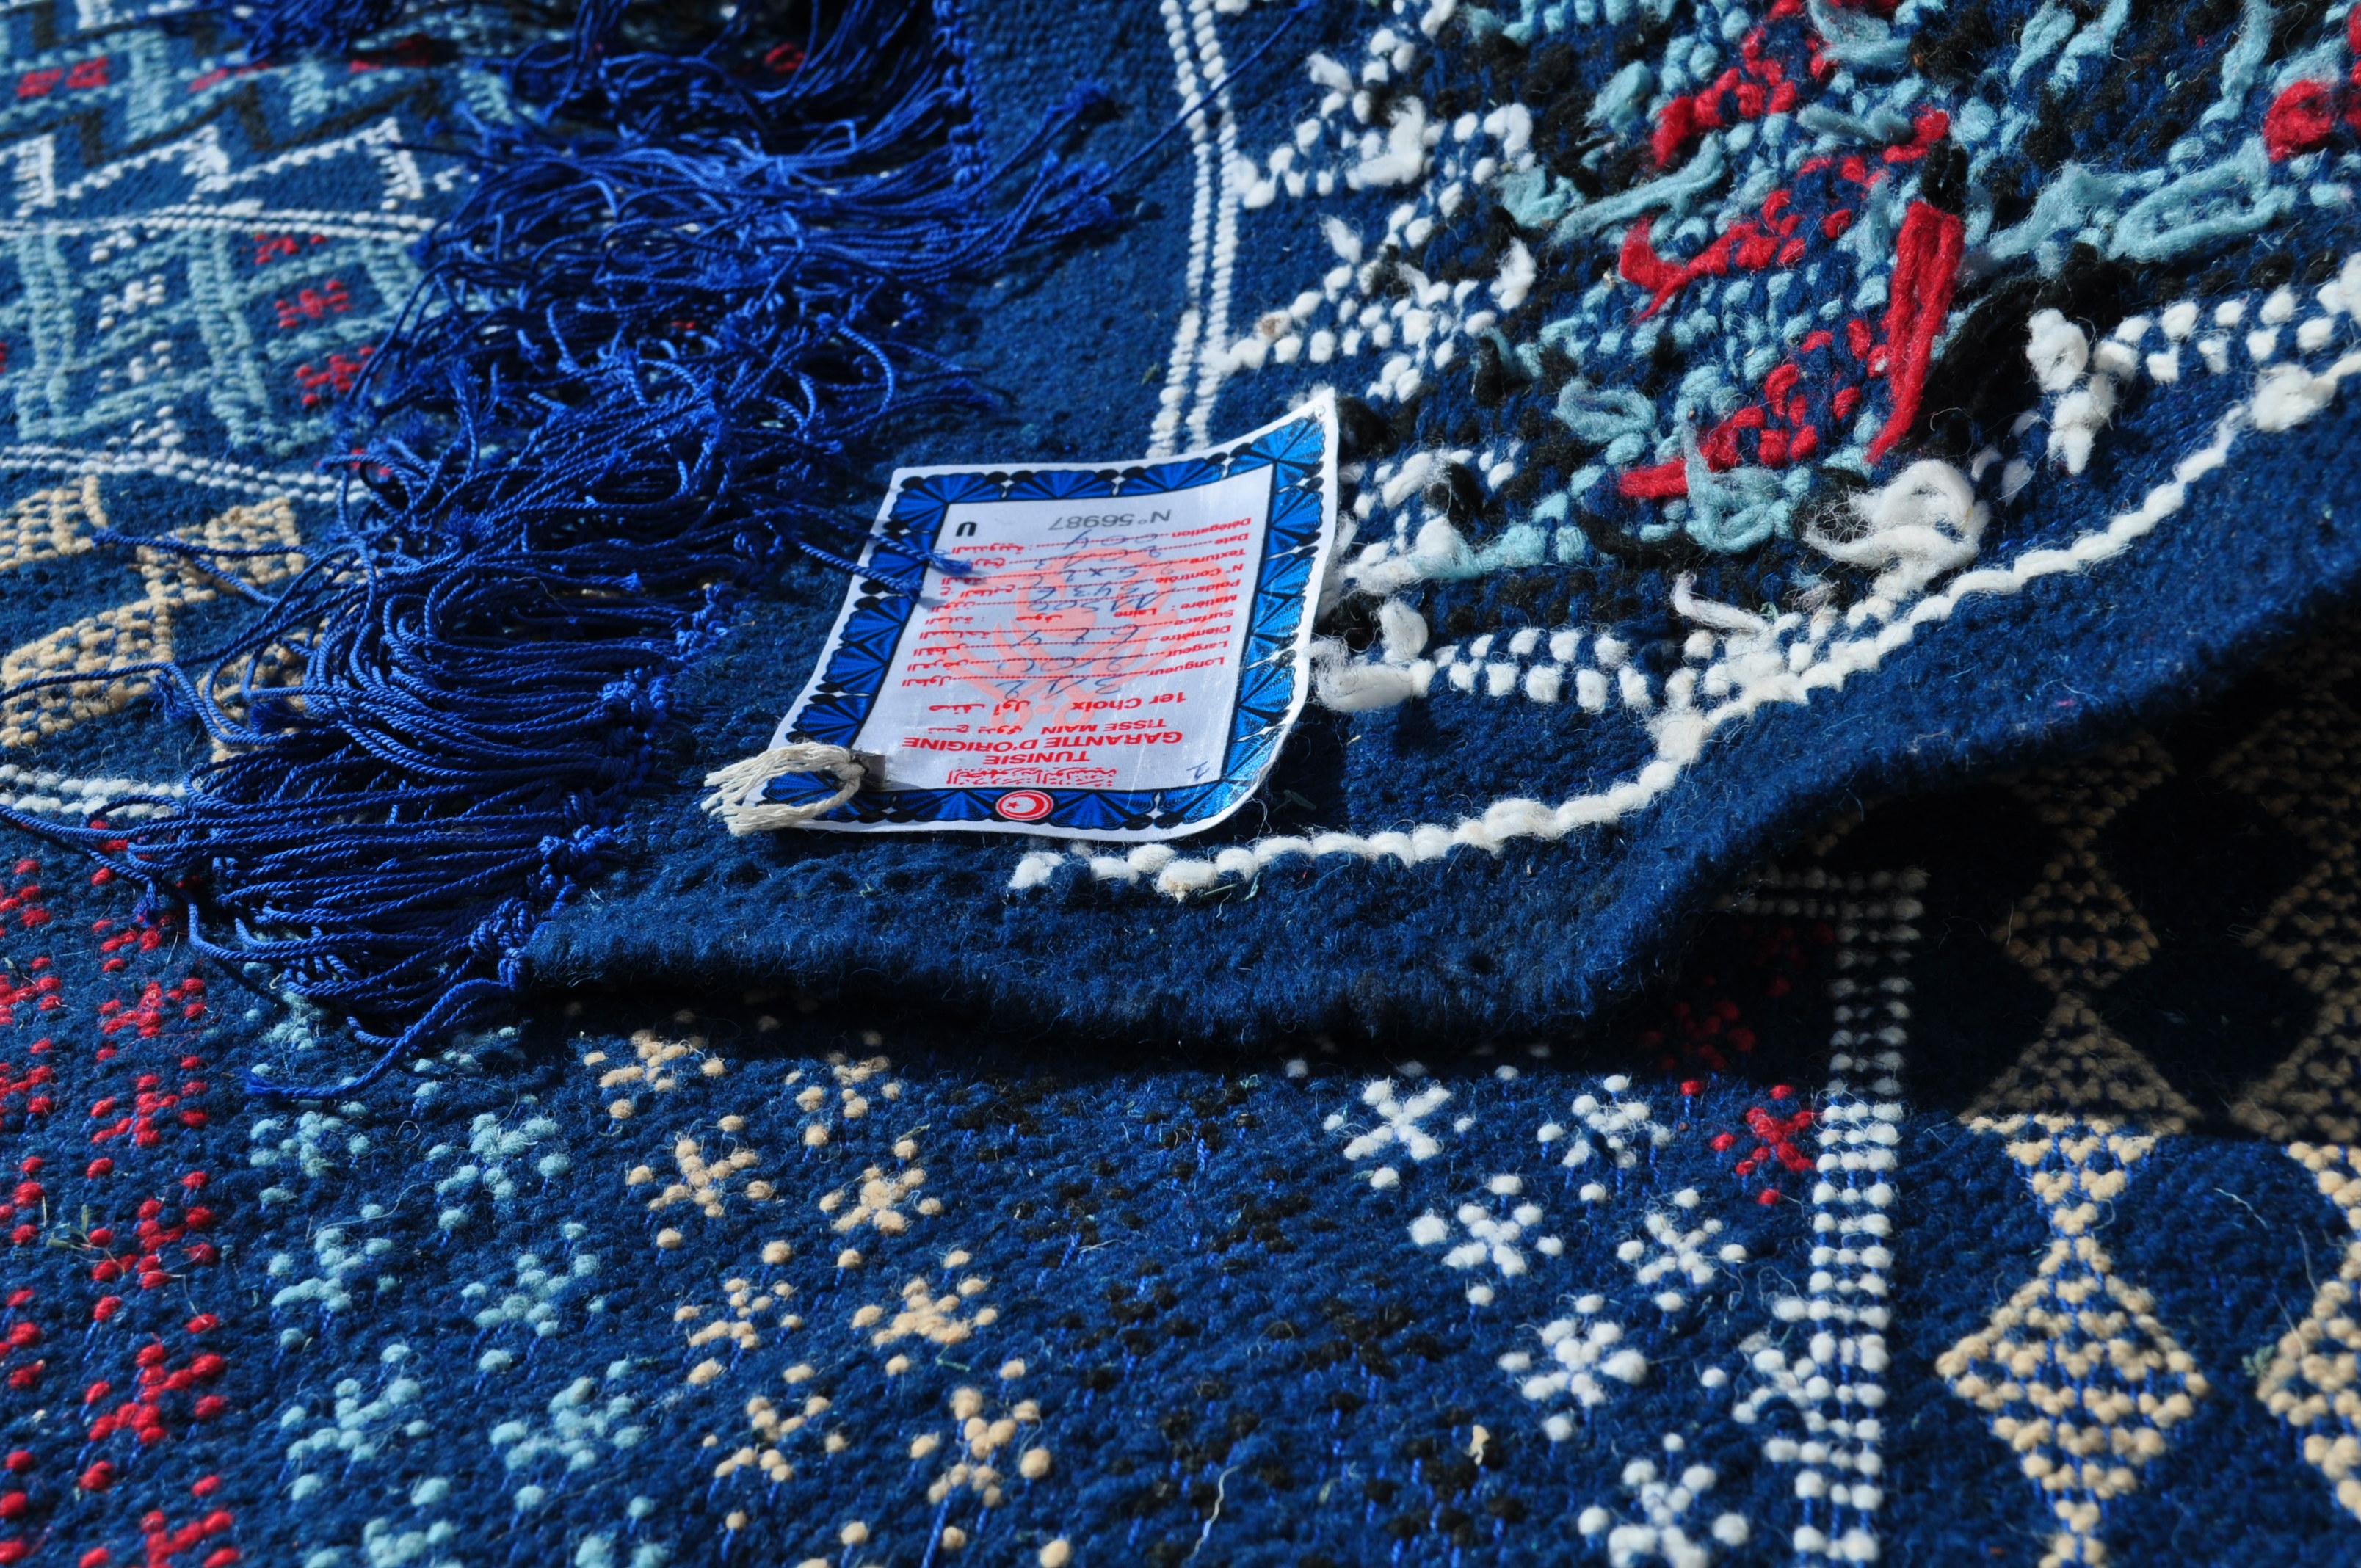 tapis vendus tapis kilims et mergoums vendus par sajada tapis tapis metlaoui. Black Bedroom Furniture Sets. Home Design Ideas